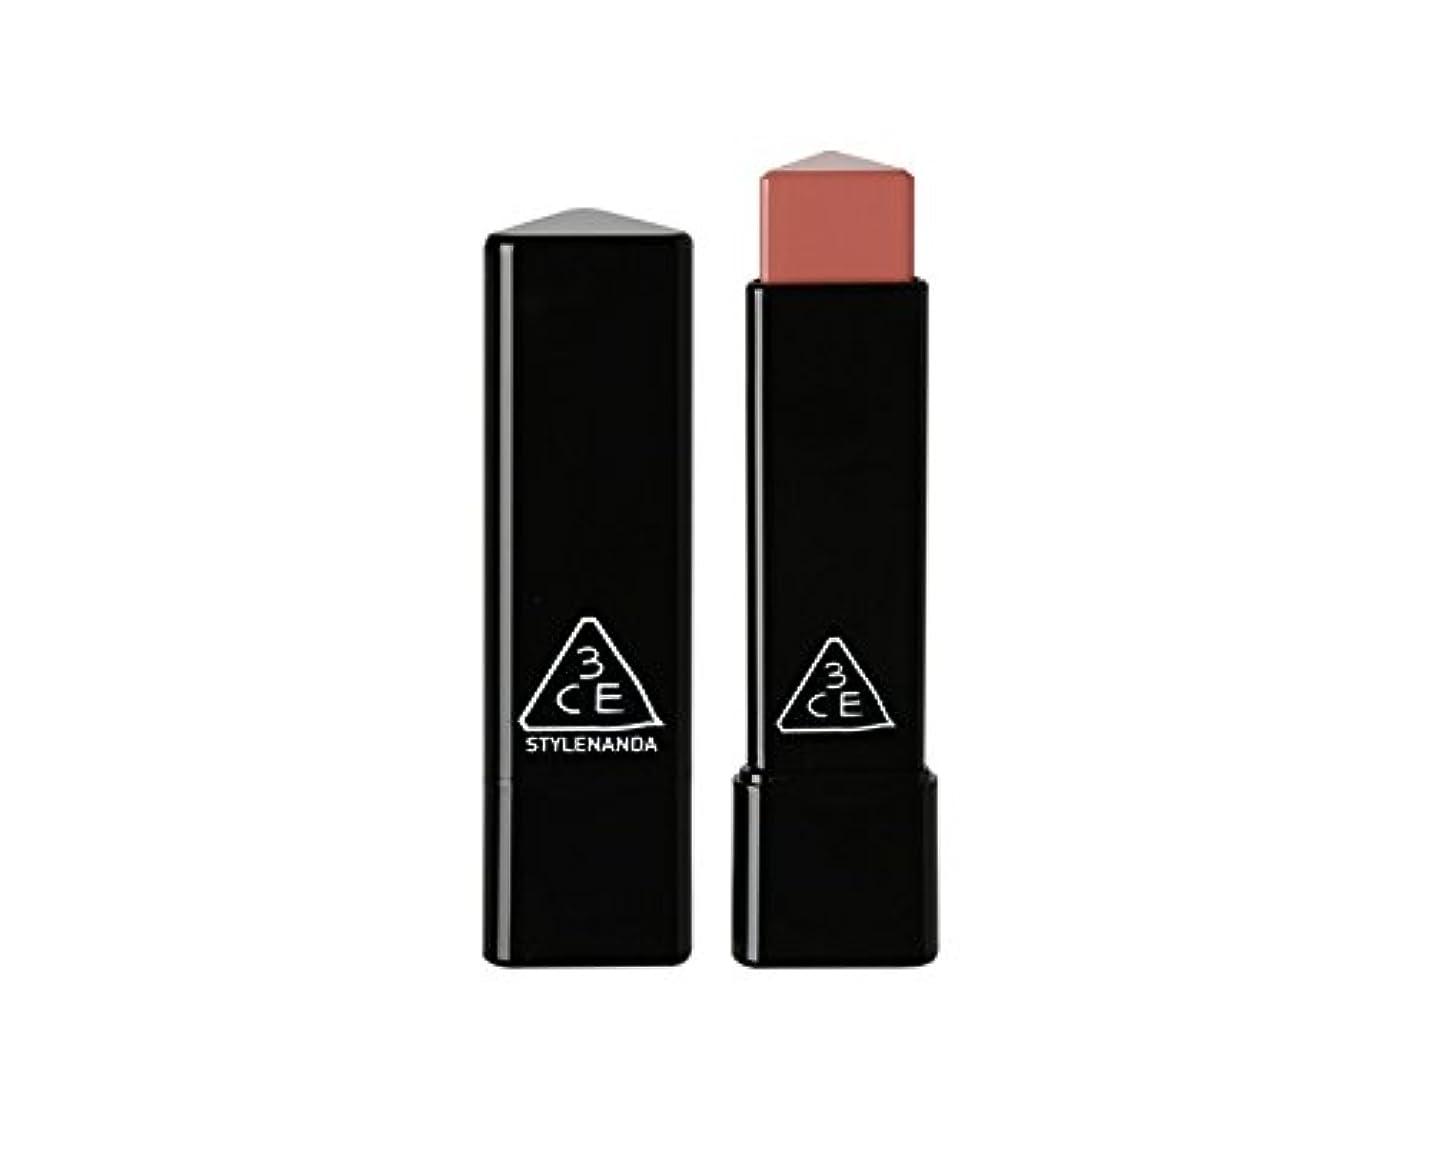 ジェット民兵合金3CE スロージャム三角形口紅 3 Concept Eyes Style Nanda Glow Jam Stick Triangle Lipstick (正品?海外直送品) (Longing)